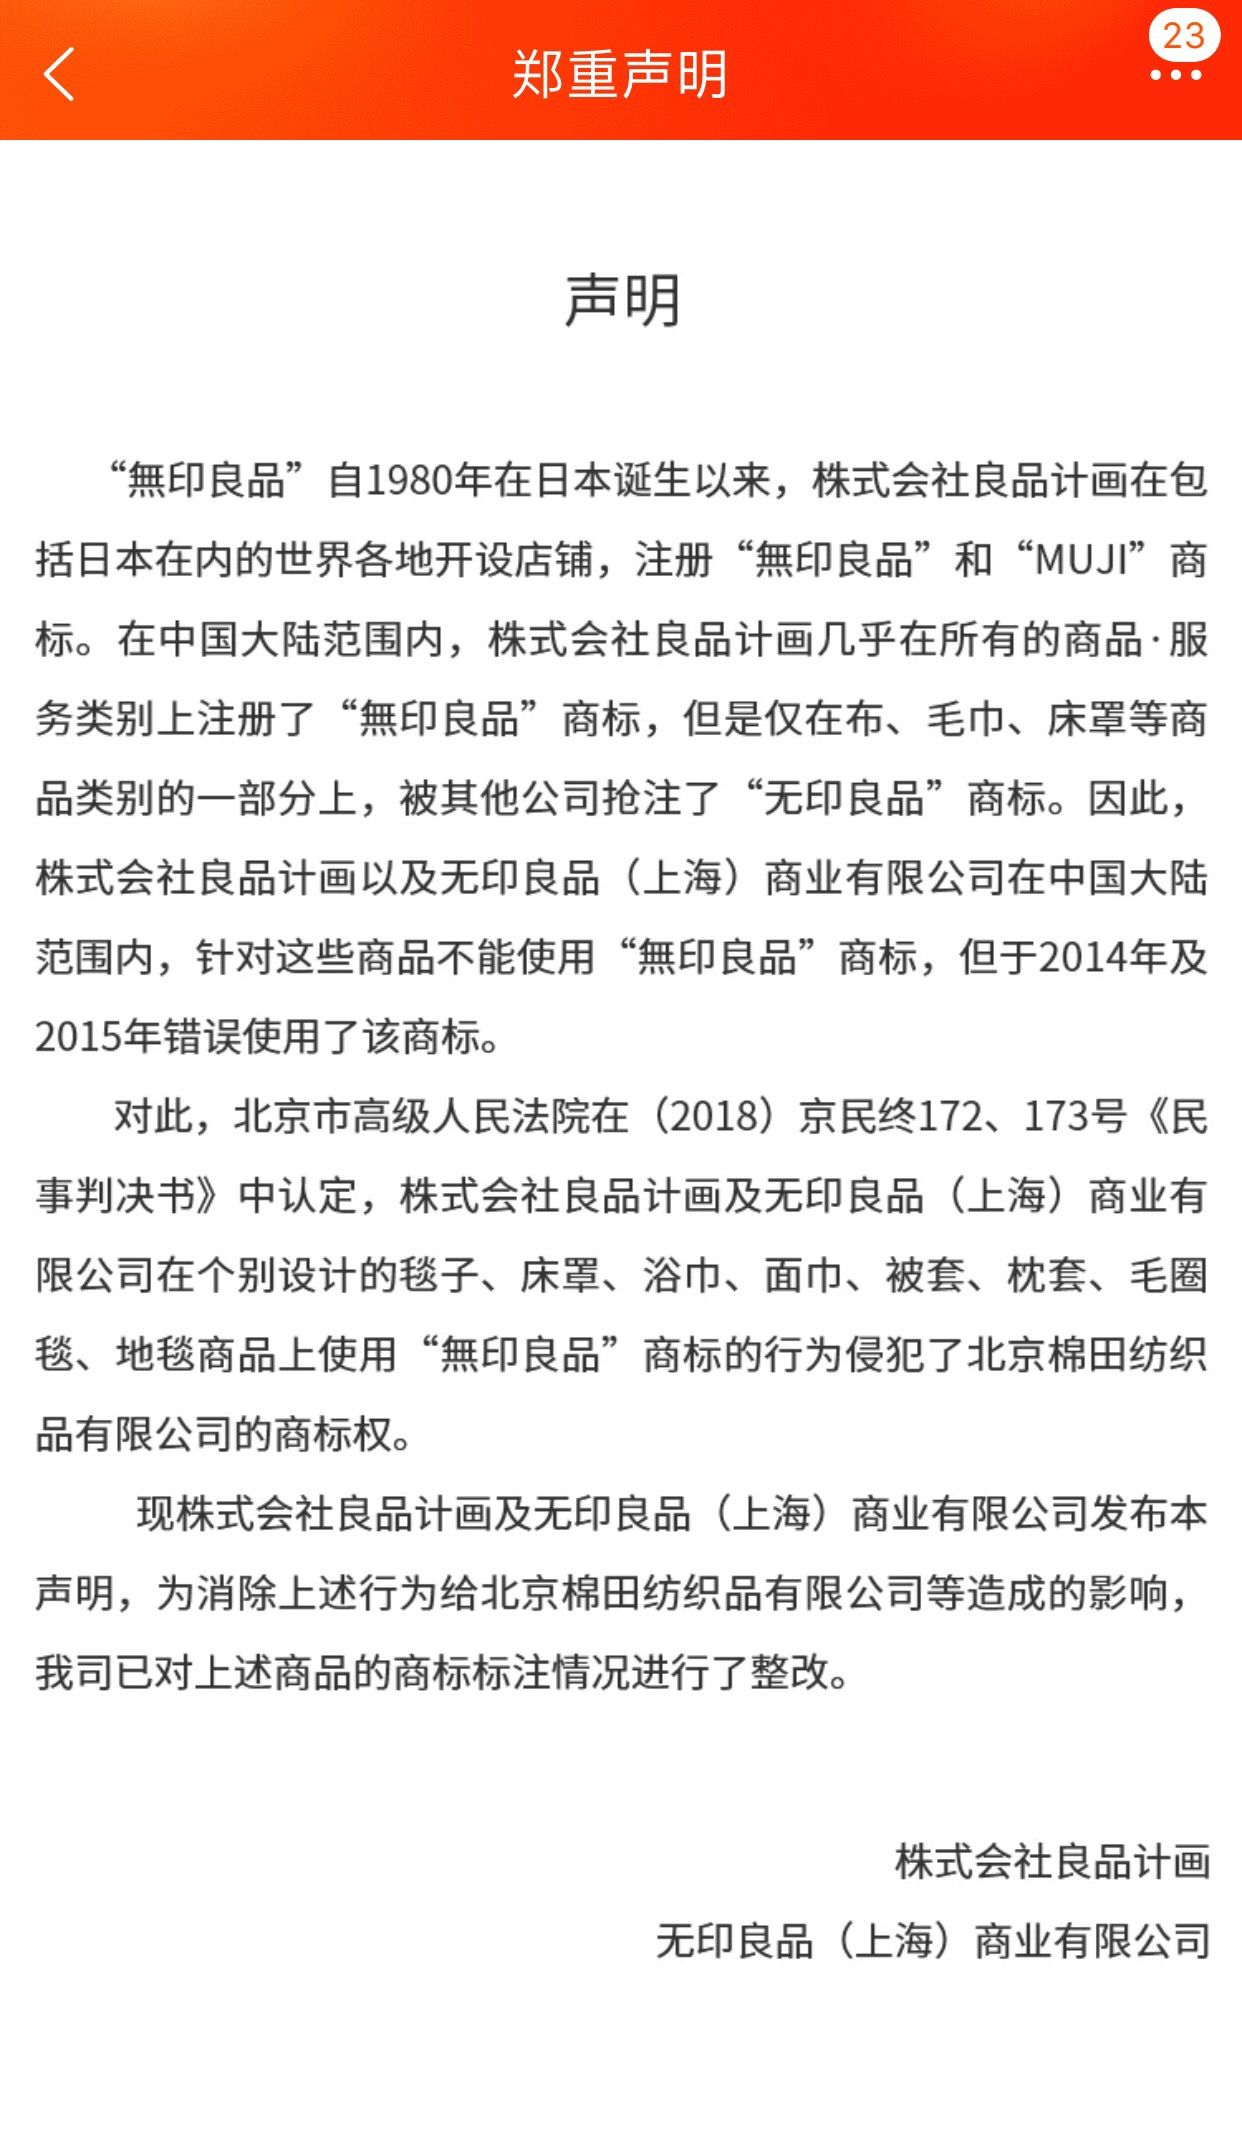 http://www.hljold.org.cn/shehuiwanxiang/350673.html